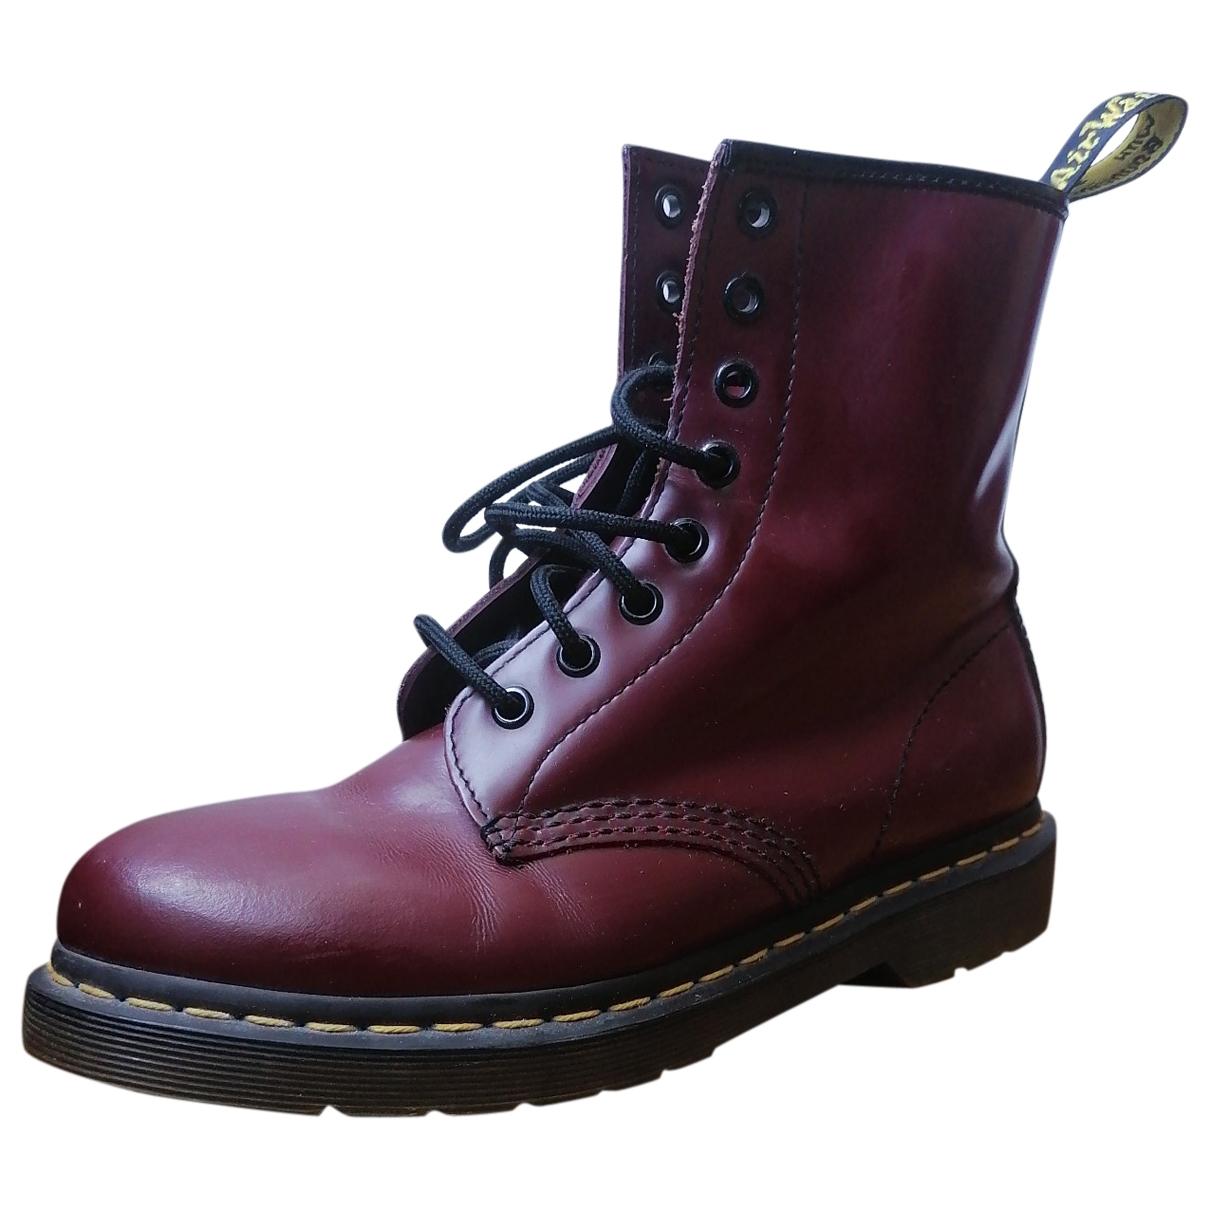 Dr. Martens - Boots 1460 Pascal (8 eye) pour femme en cuir - bordeaux